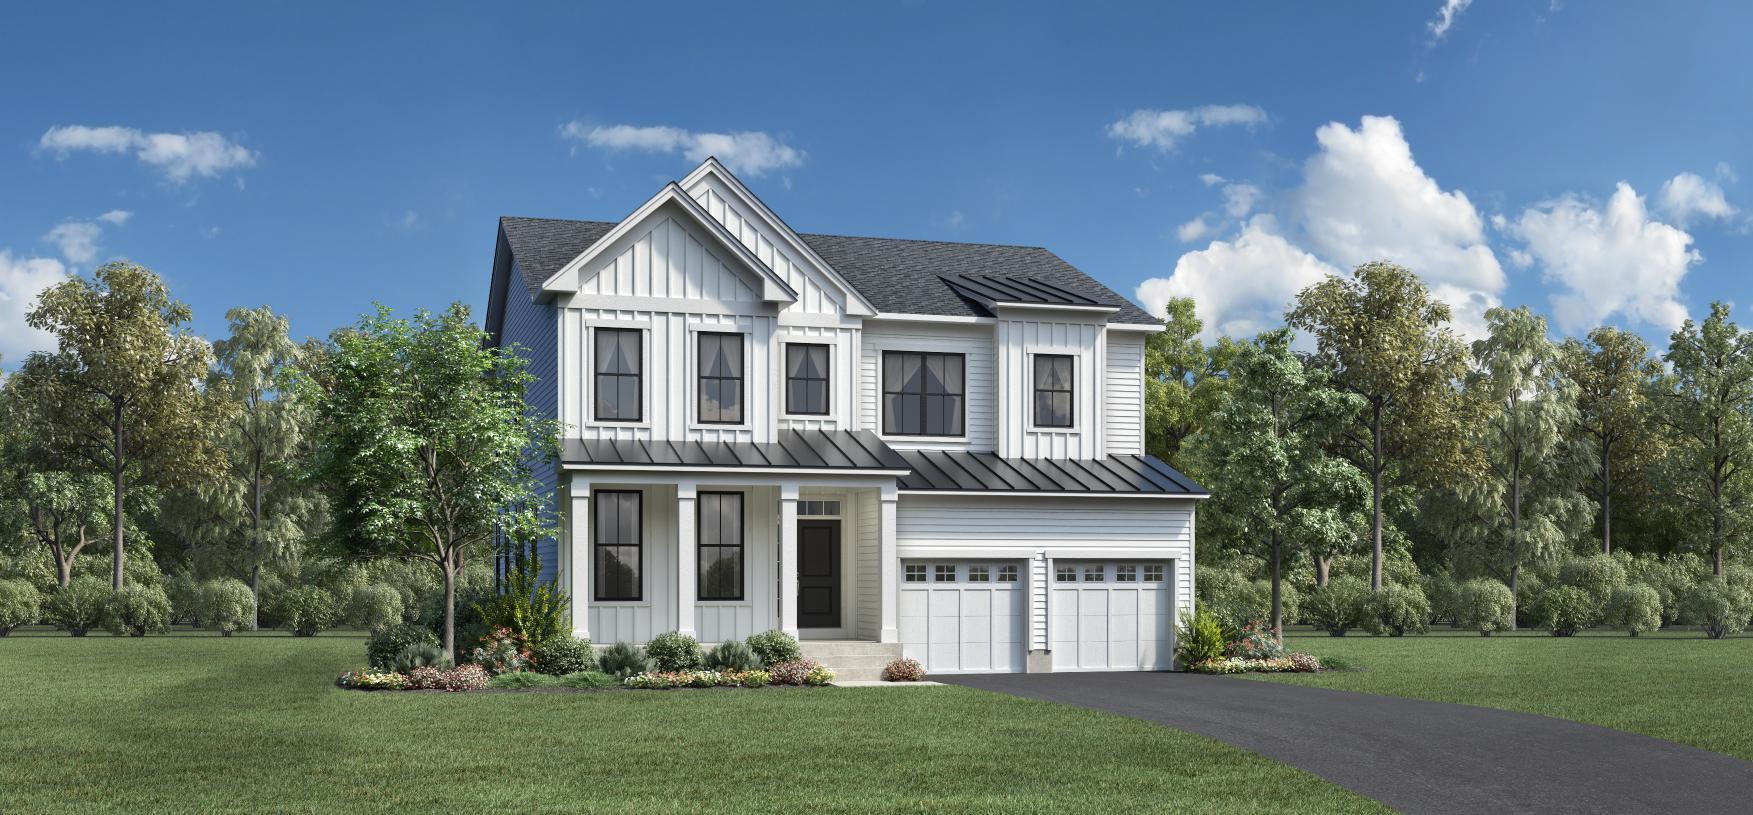 Saybrook - Modern Farmhouse